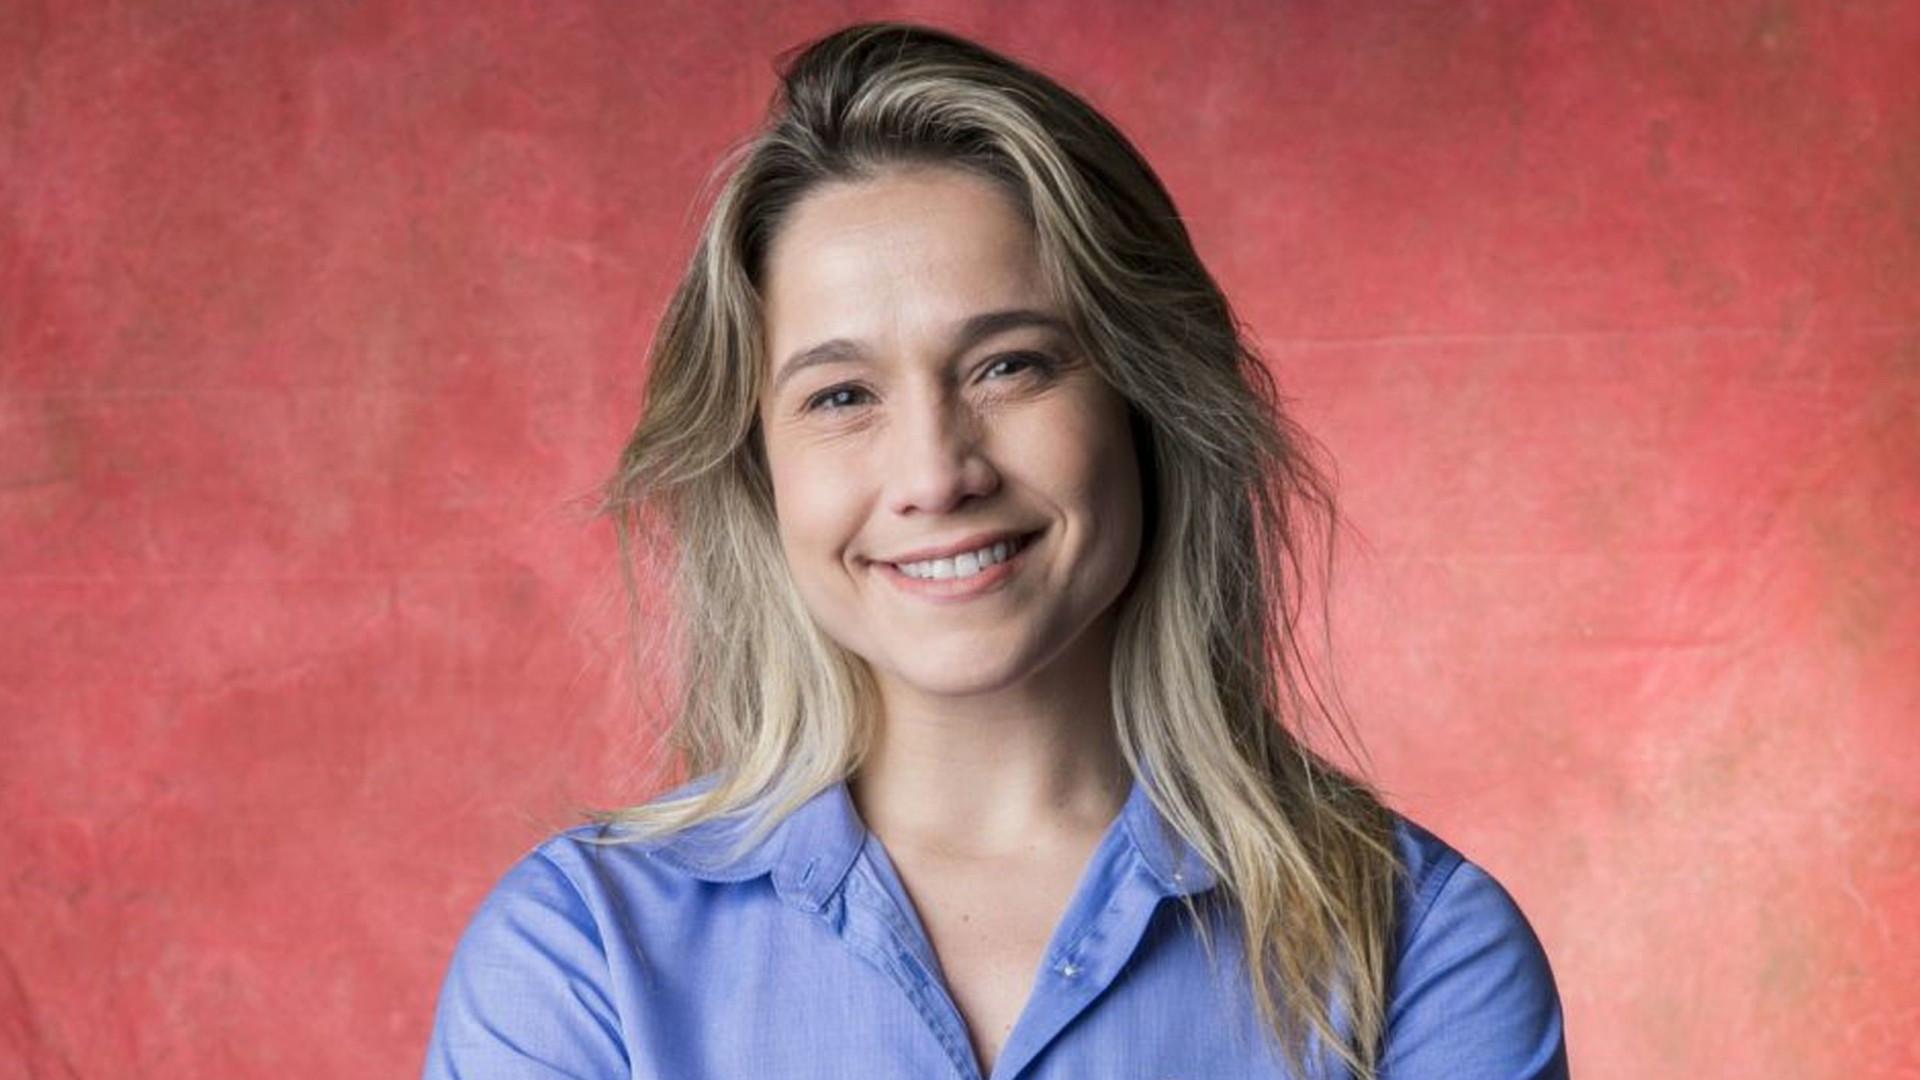 Programa que 'revelou' Fernanda Gentil na TV sai do ar